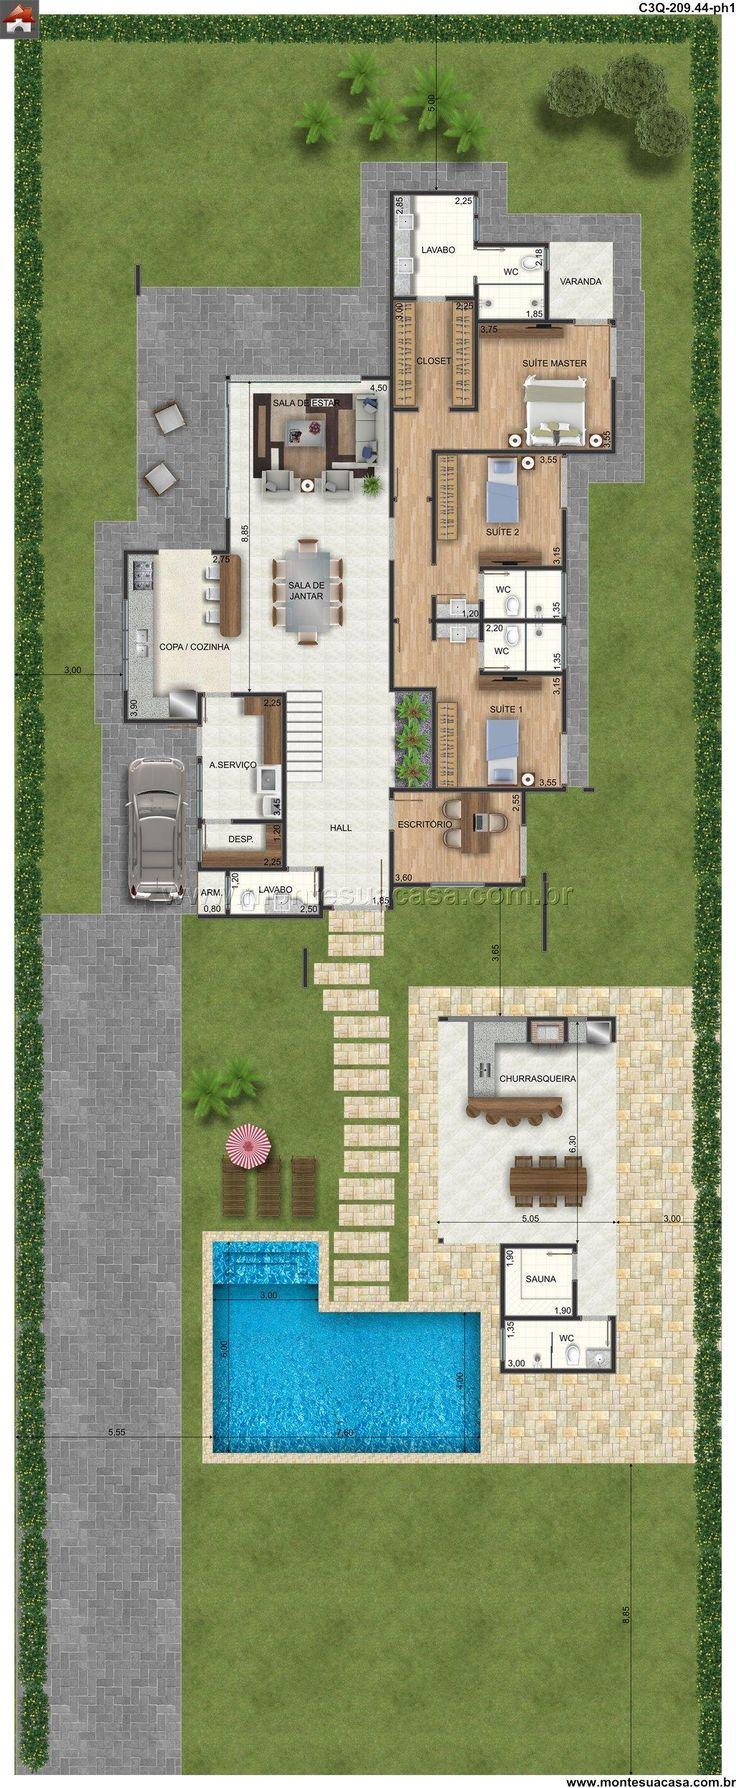 Casa 0 Quartos - 209.44m²